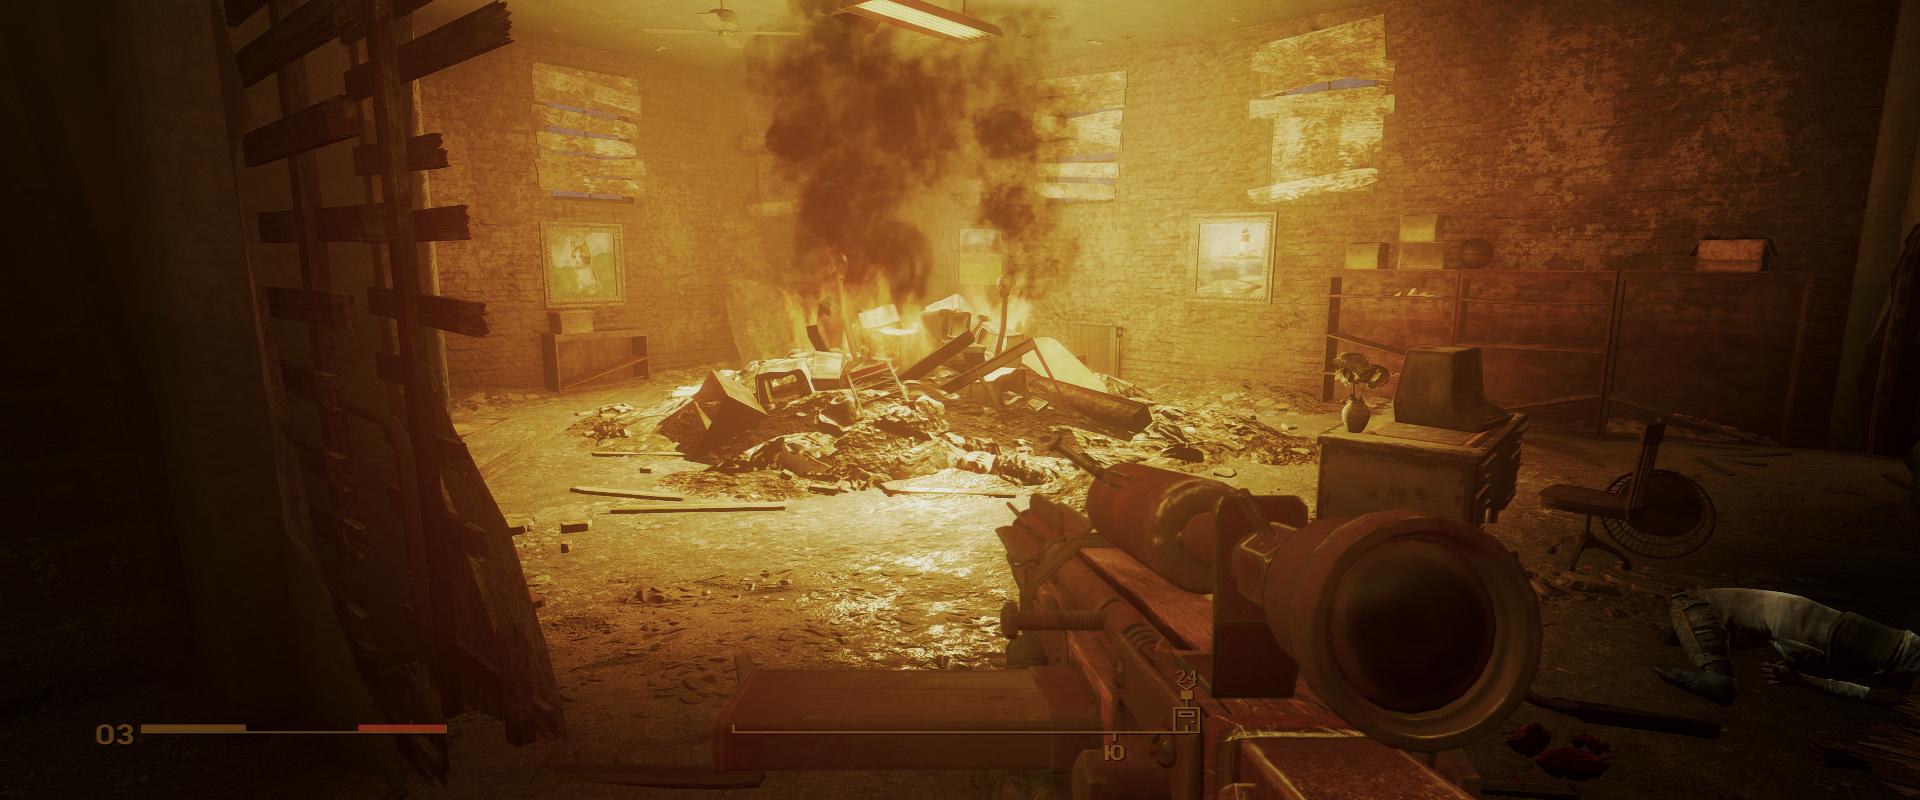 Enhanced Wasteland - Fallout 4 Enhanced Wasteland